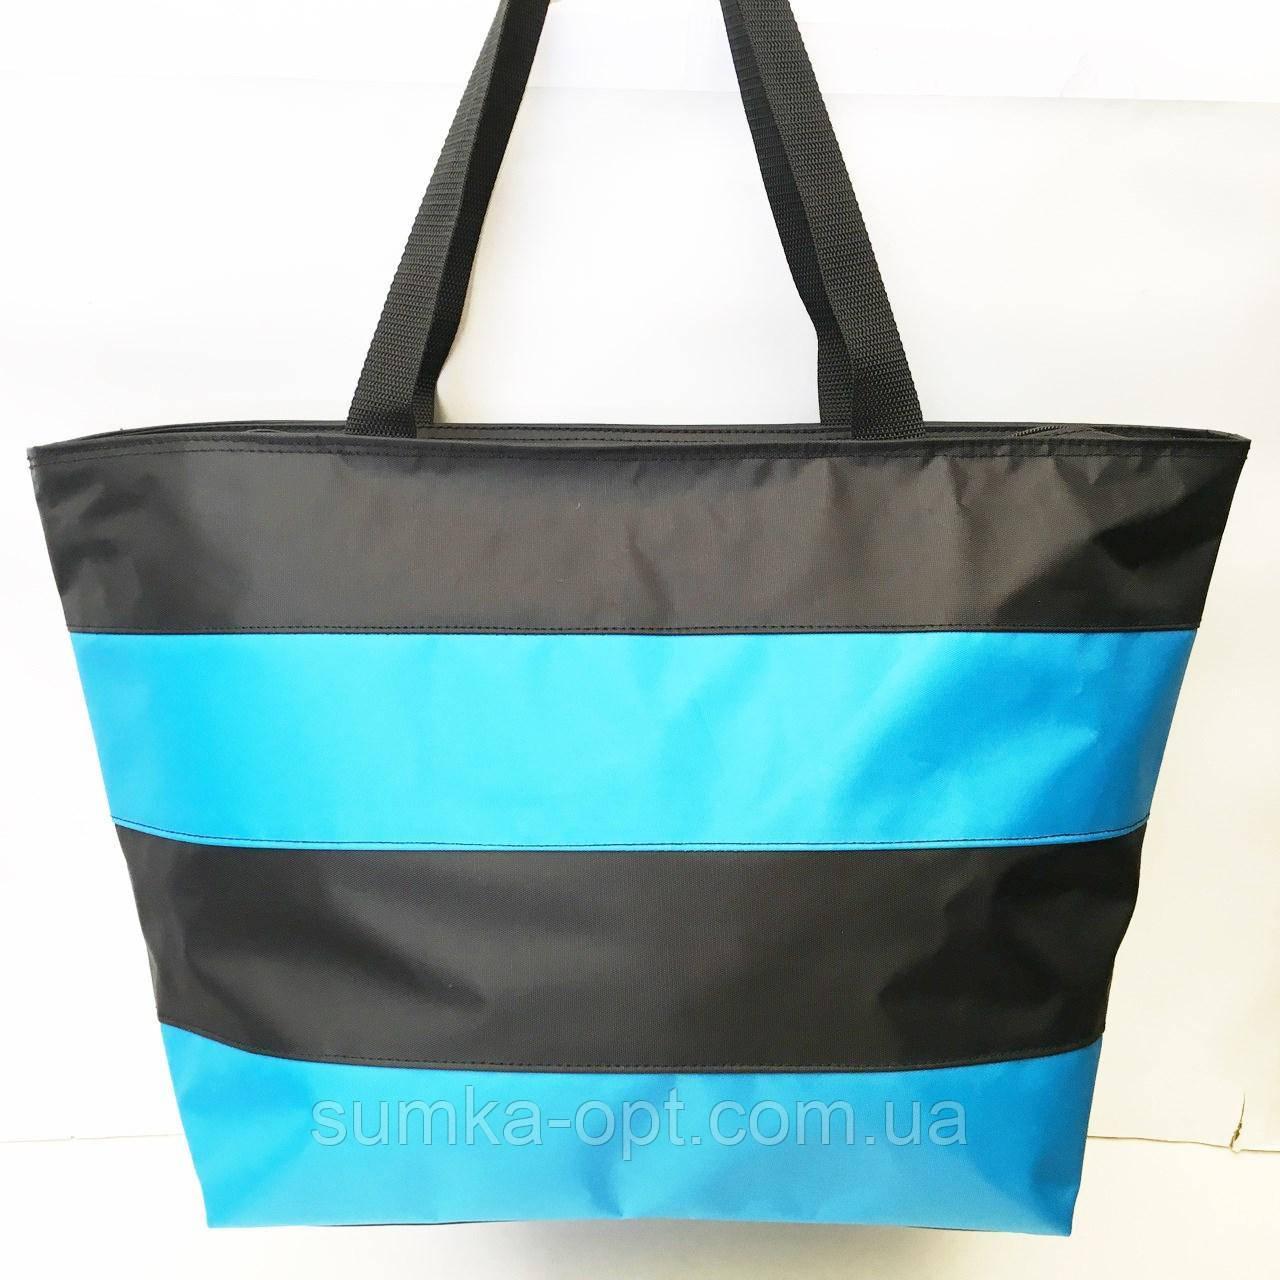 Универсальные сумки оптом для покупок (черный-голубой)34*55см